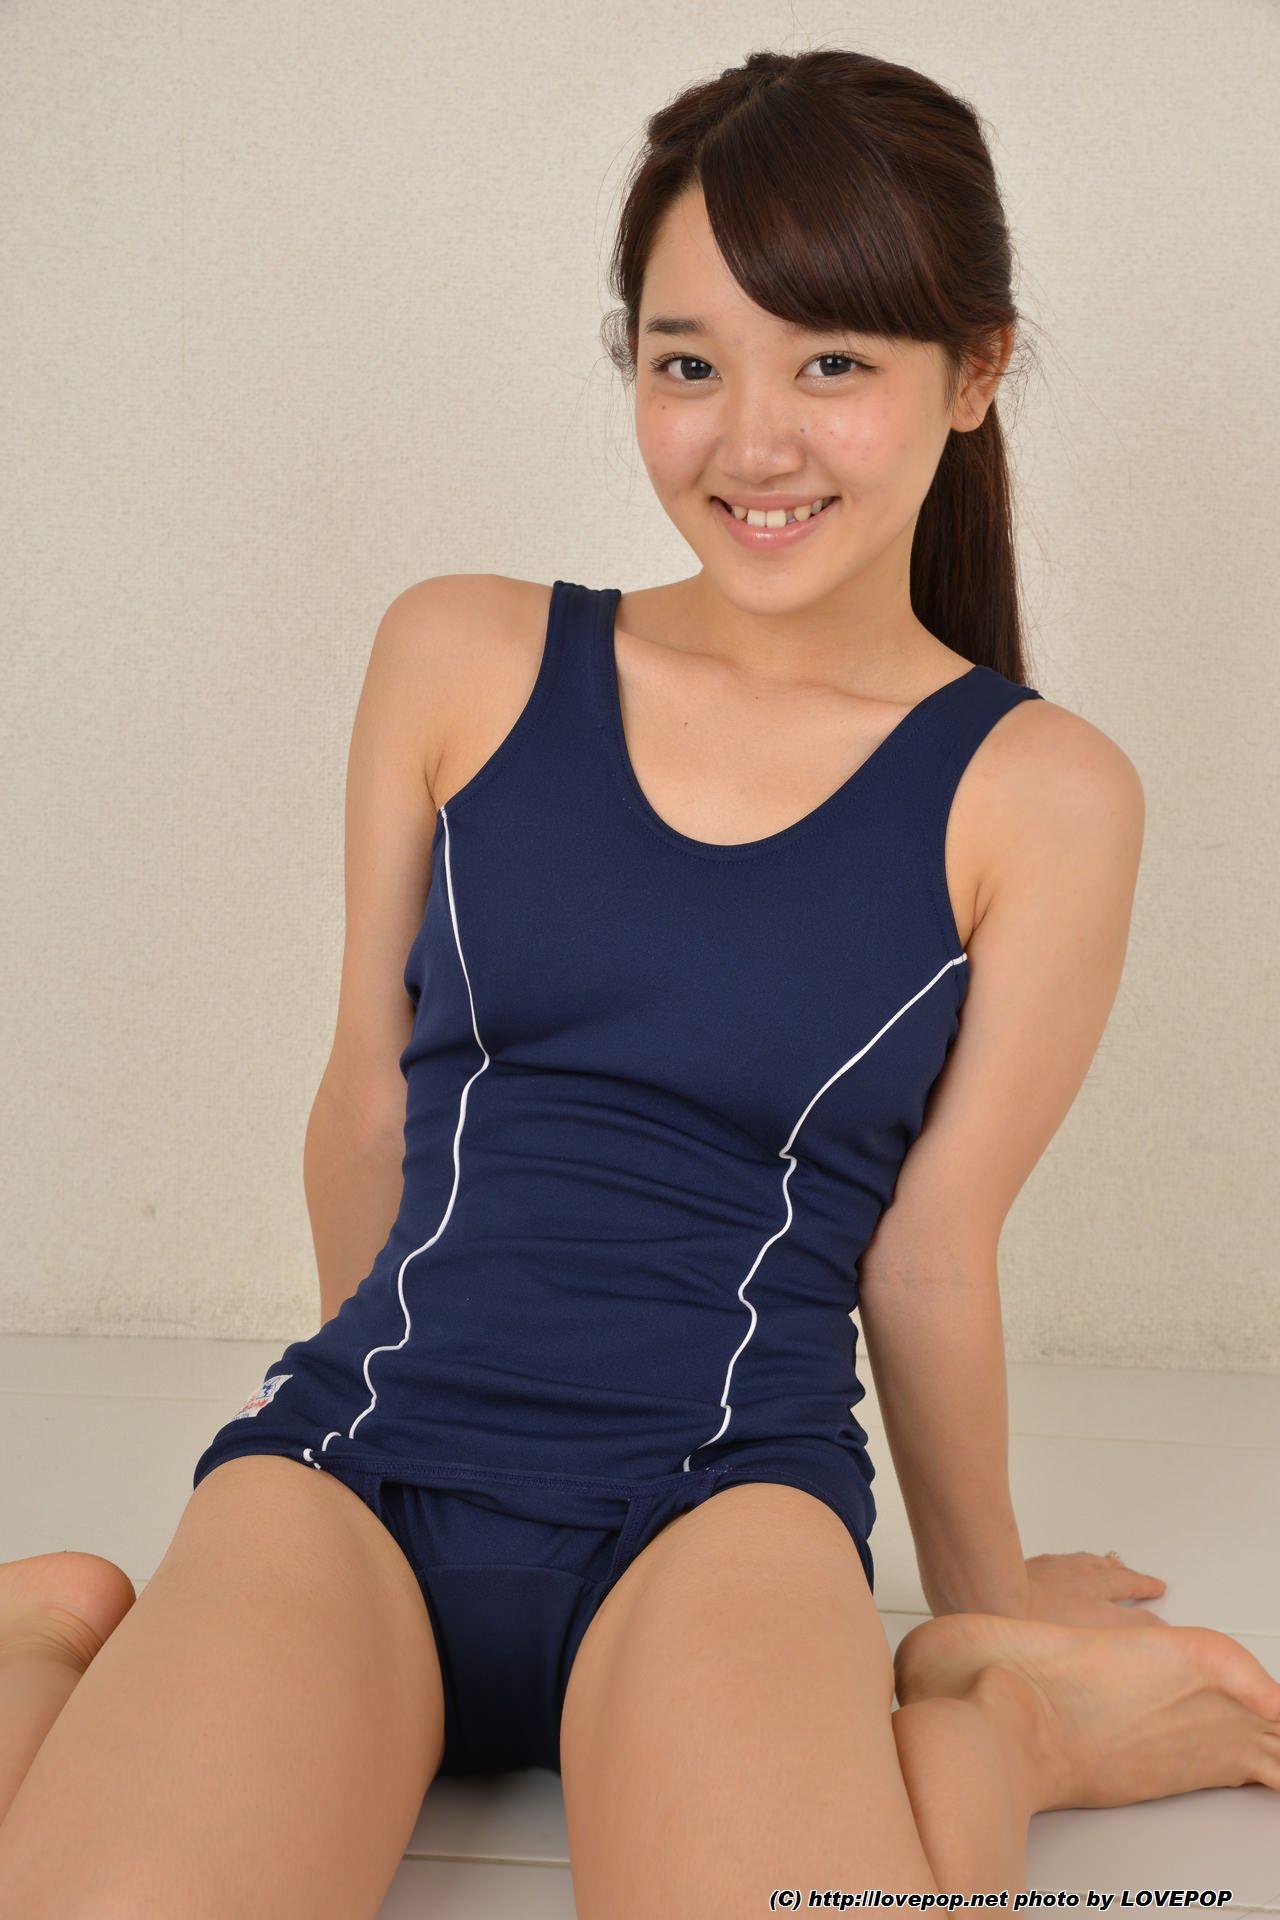 [lovepop.net] tsukino nana 003